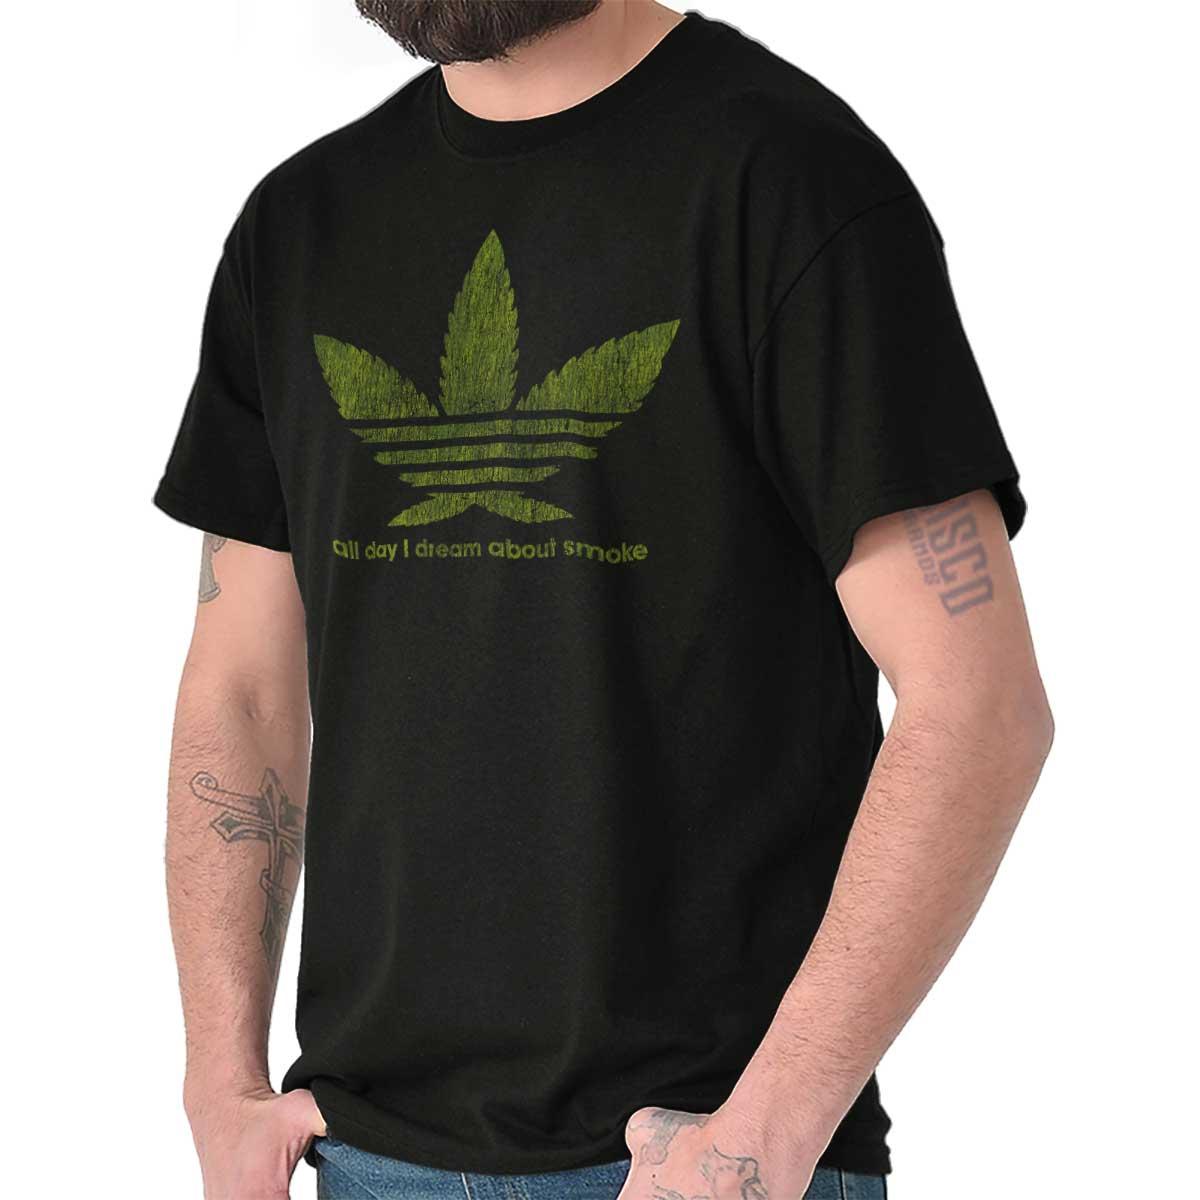 Stoner Tee Shirt Graphic Pot T-Shirt For Mens Womens Marijuana Gift TShirts T